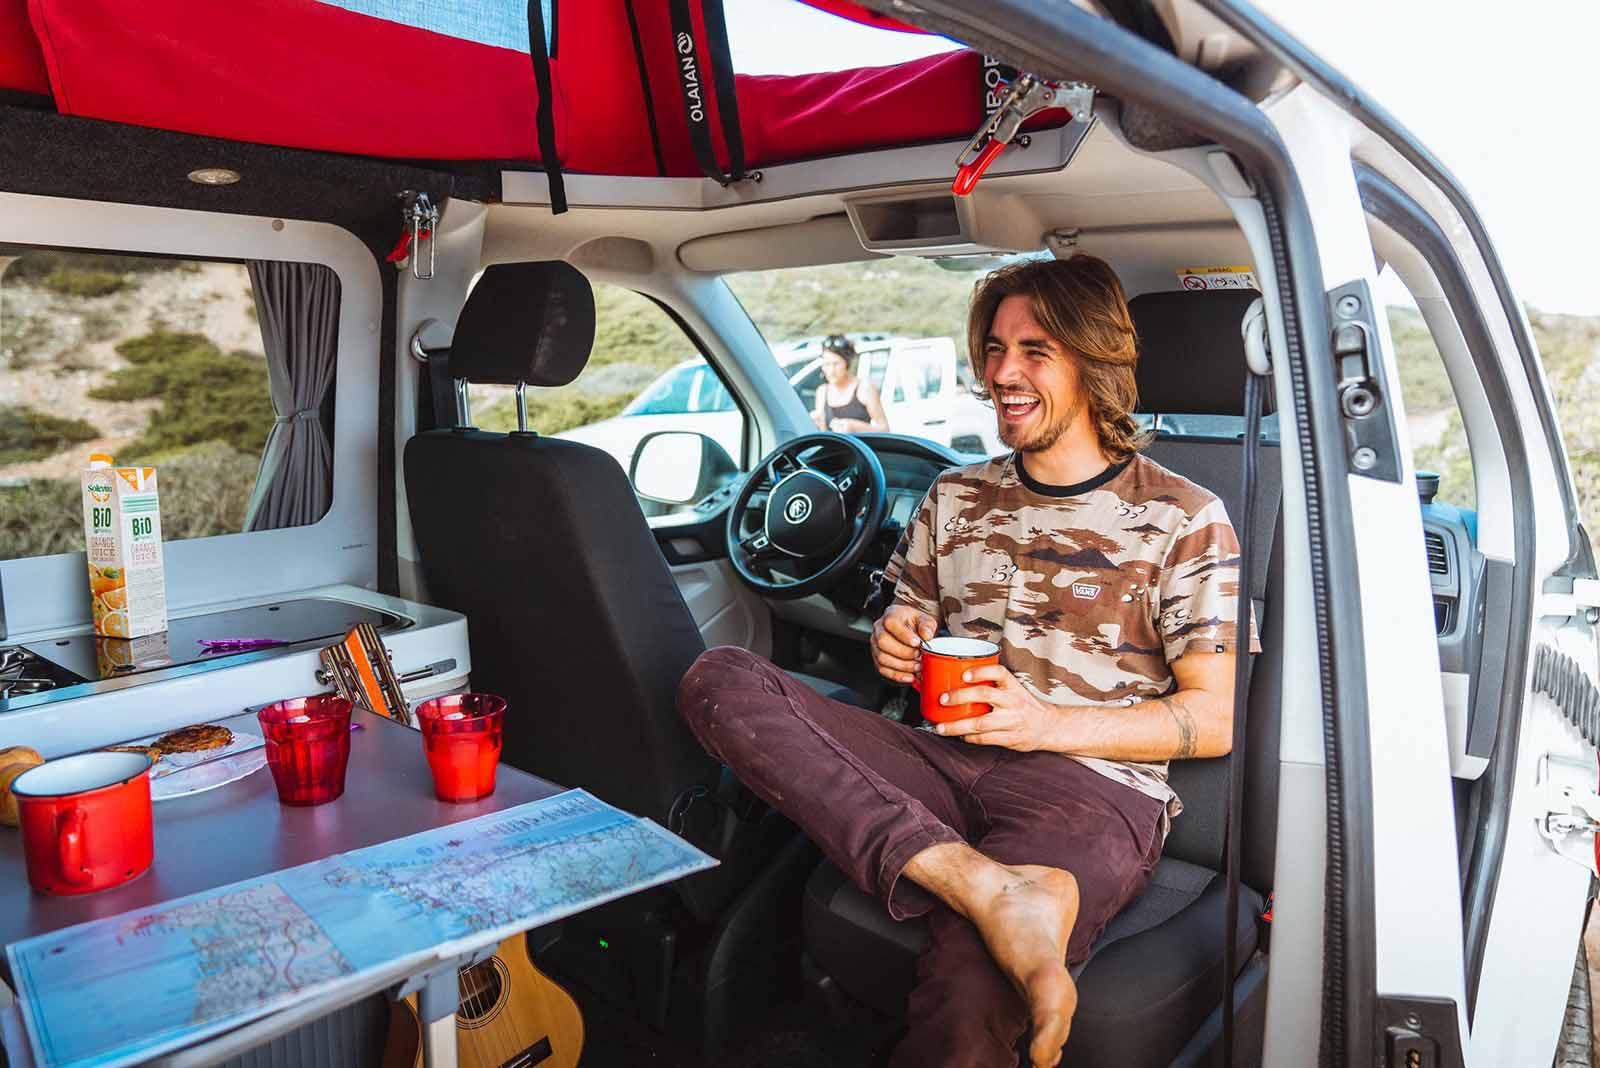 Surfeur qui se détend dans le van aménagé Siesta Beach aprés une journée à apprendre à surfer au Portugal.